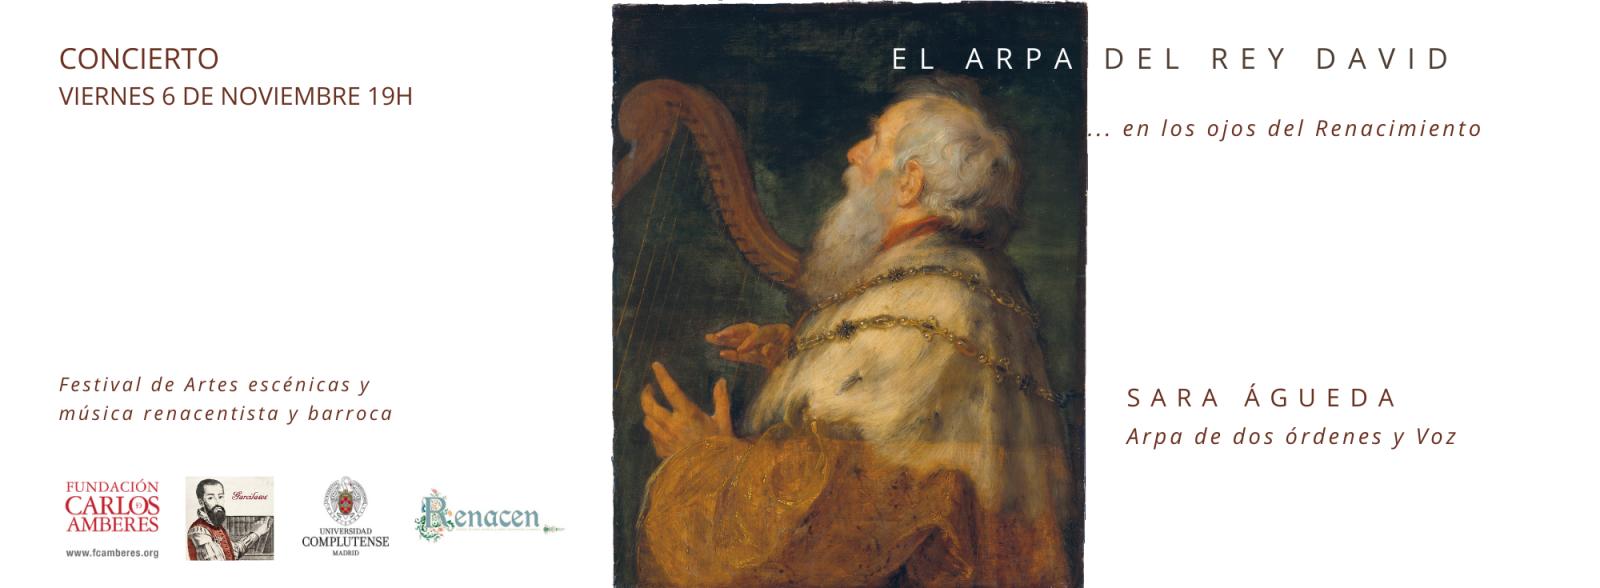 EL ARPA DEL REY DAVID